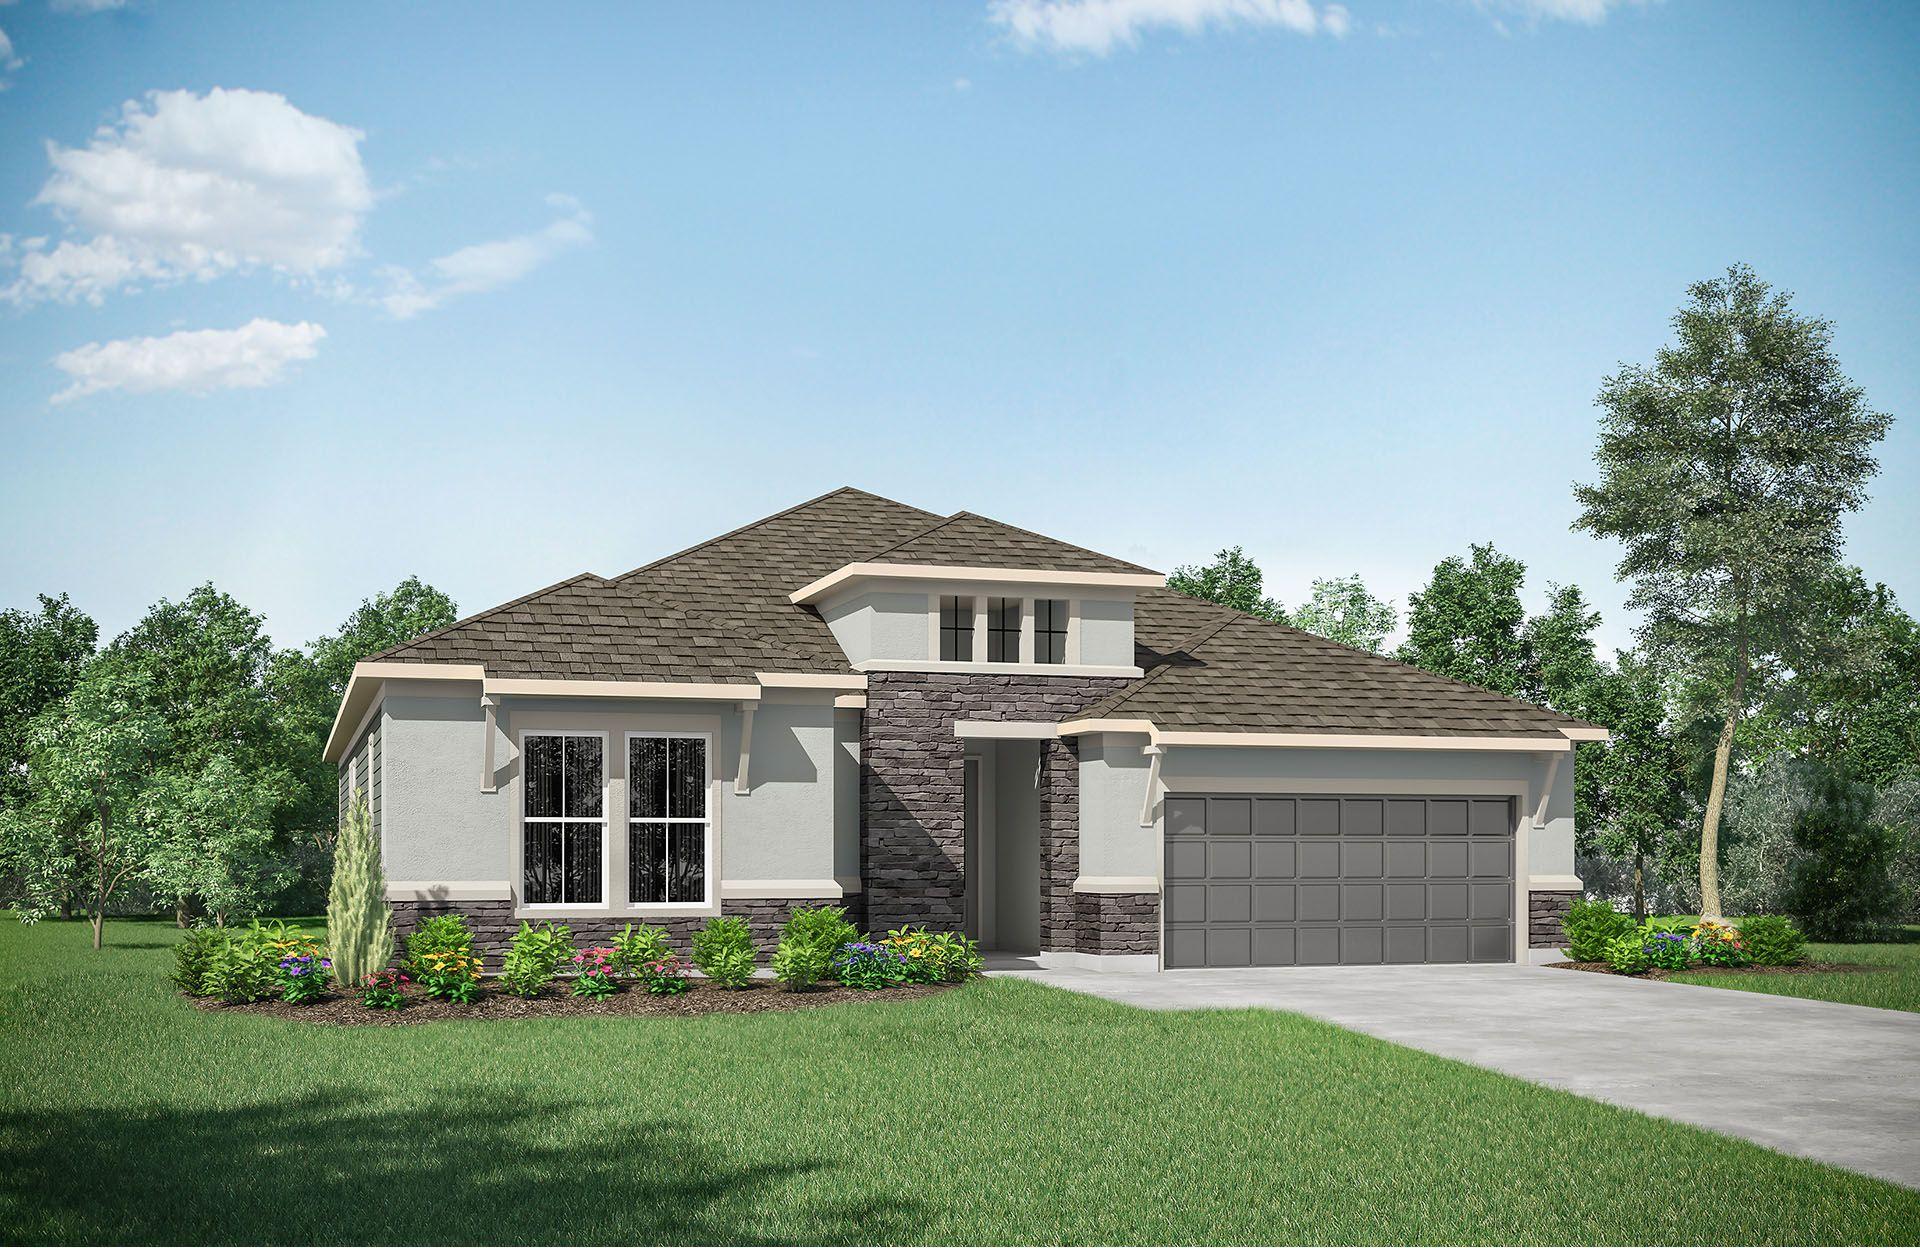 Uma única Família para Venda às Magnolia Point - Vilano 3695 Red Hawk Ct. Green Cove Springs, Florida 32043 United States